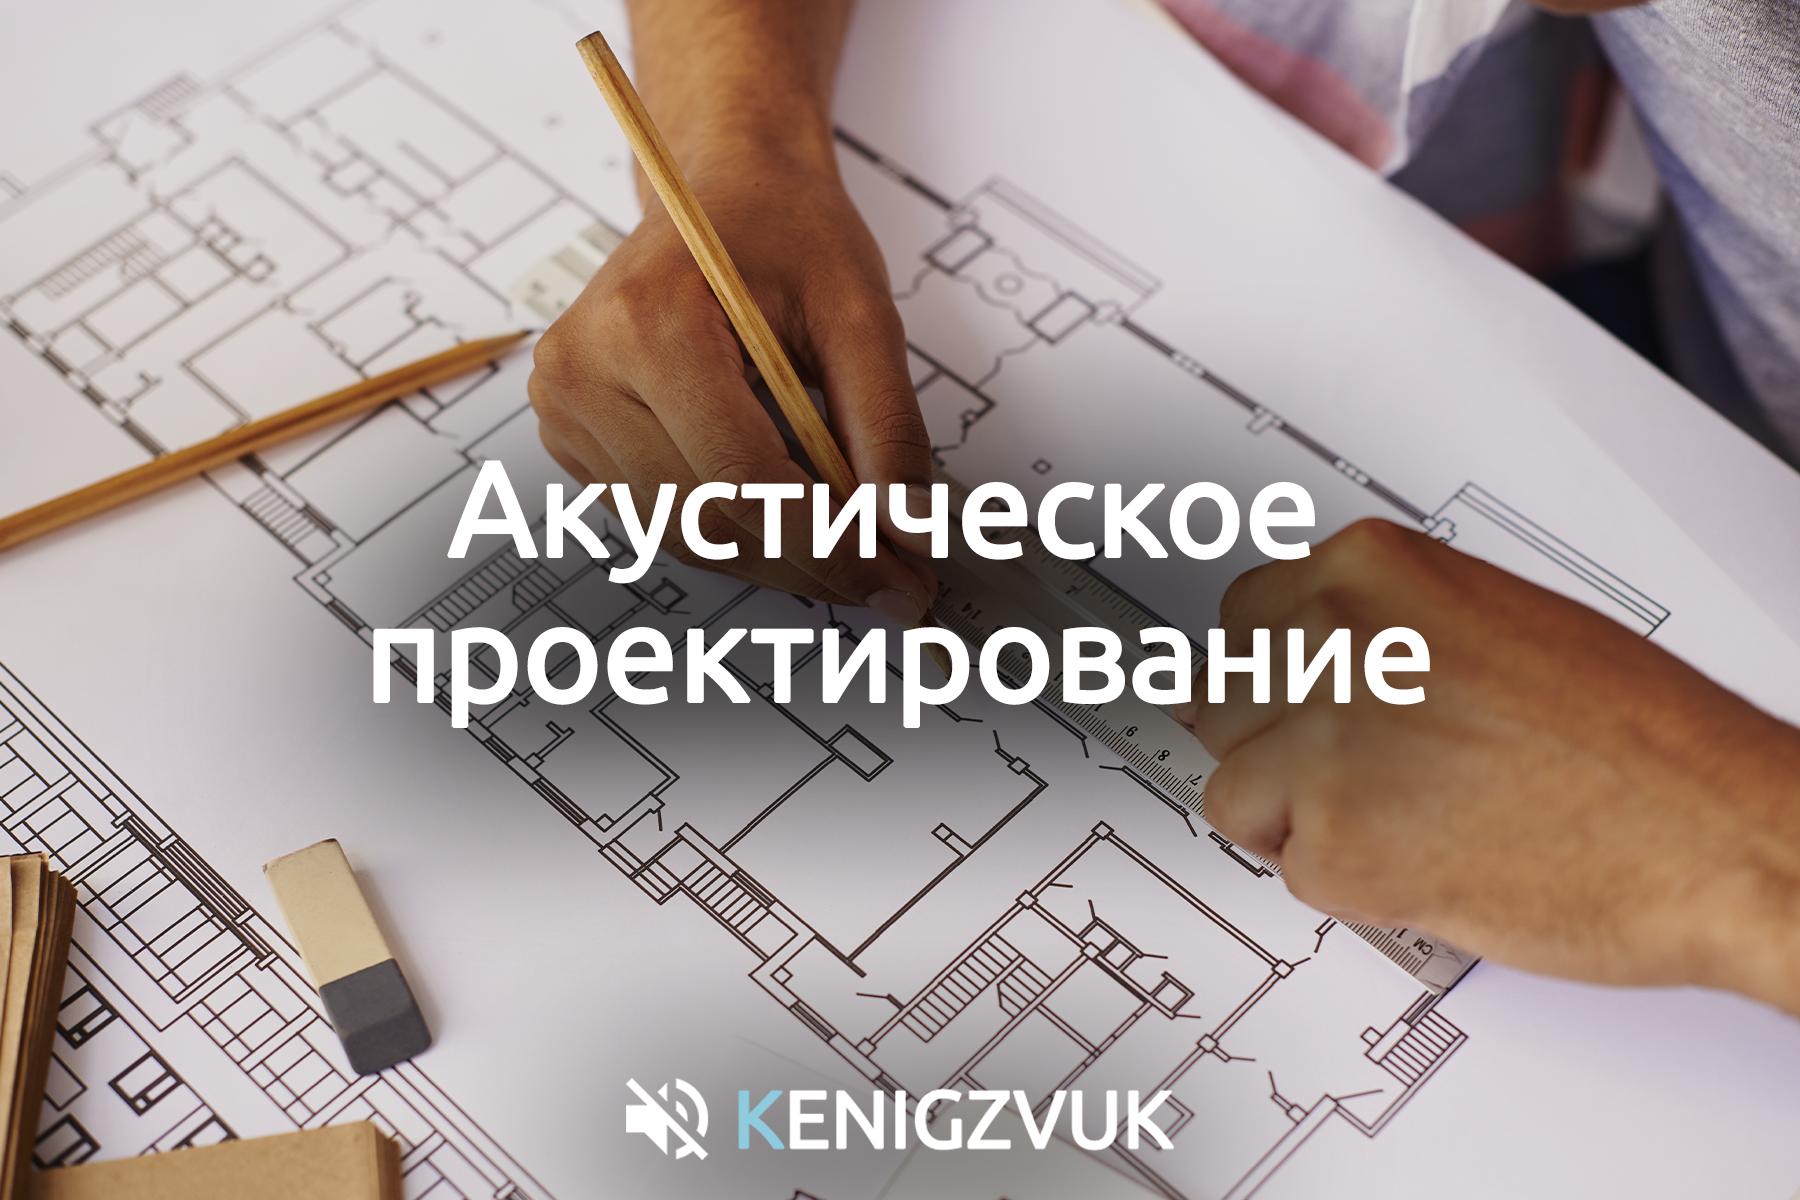 KenigZvuk   Звукоизоляция Калининград - Акустическое проектирование